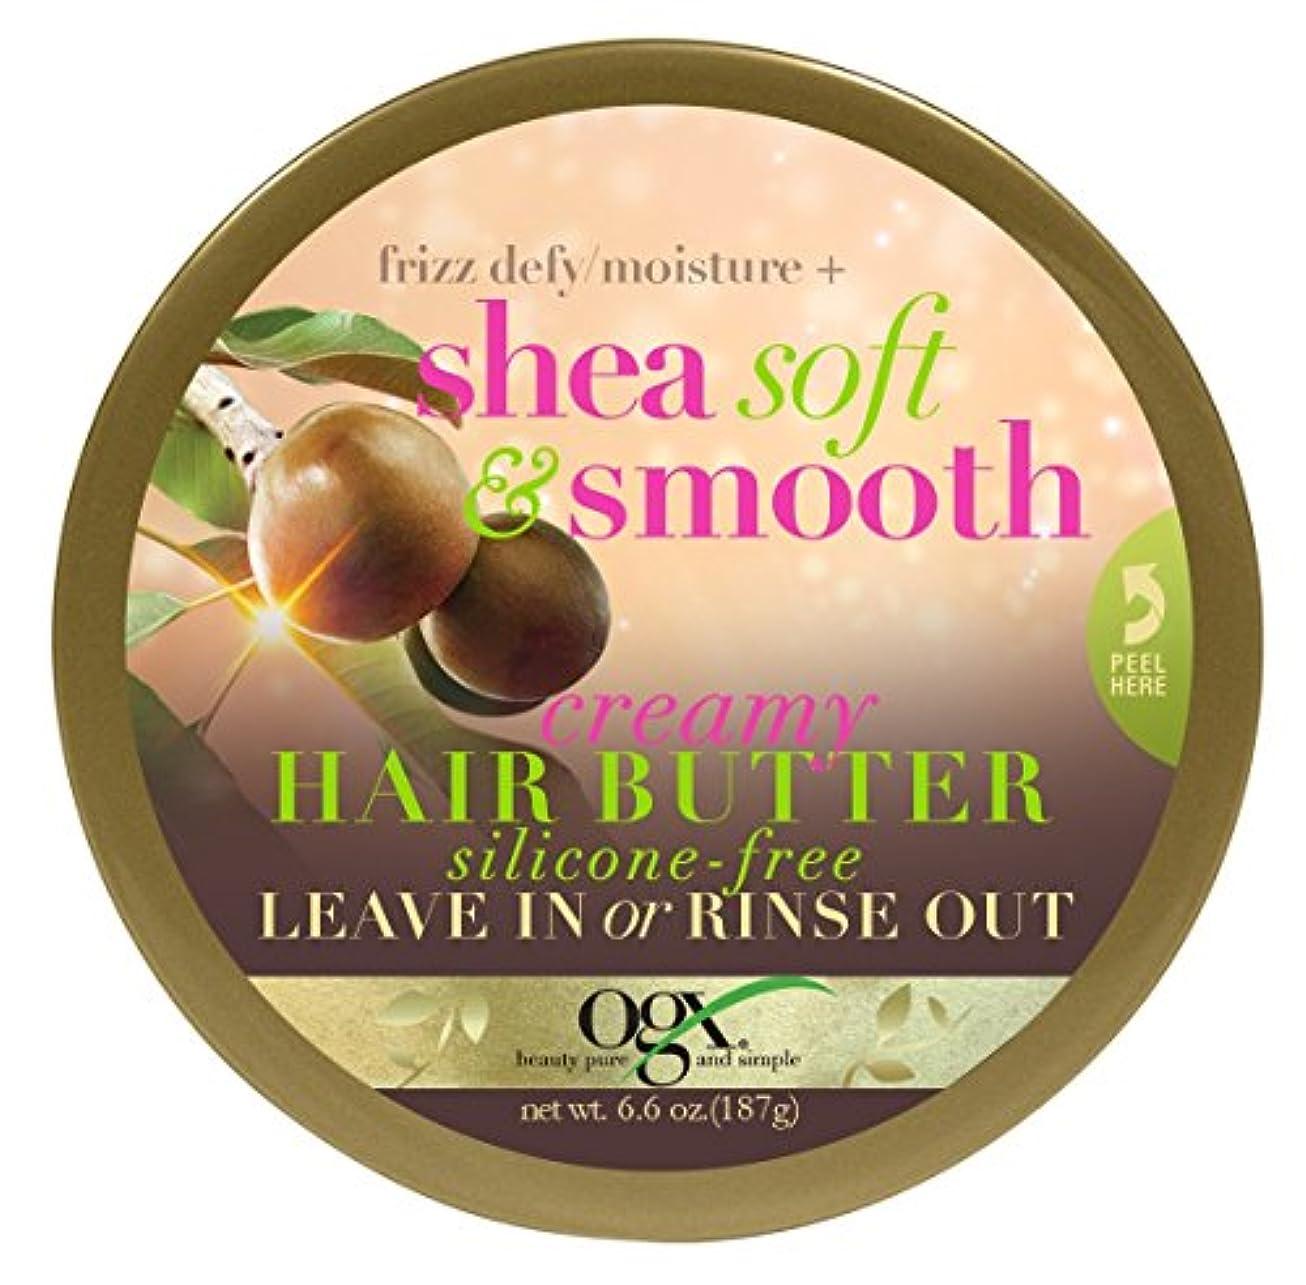 振るう全国等OGX シェイソフト&スムーズな髪バター6.6オンスのジャー(195Ml)(2パック)